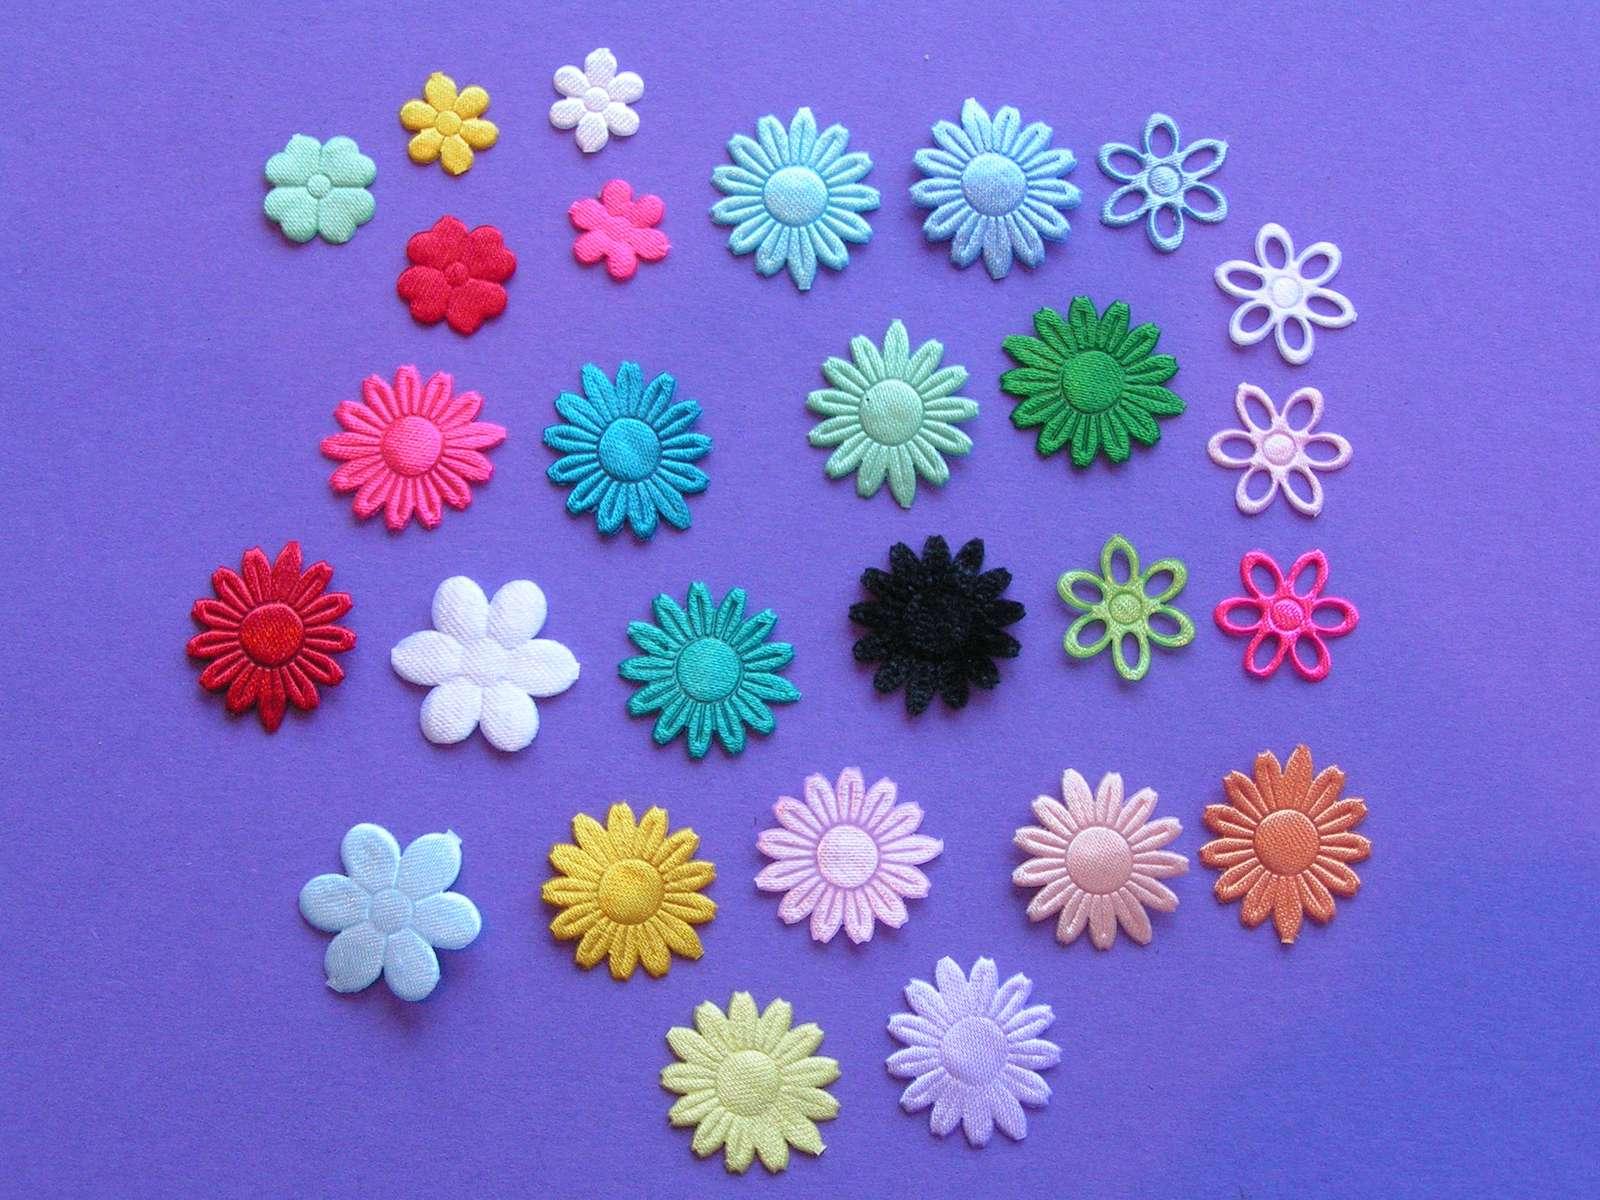 Látkové kytičky mnoha barev - Obrázek č. 1